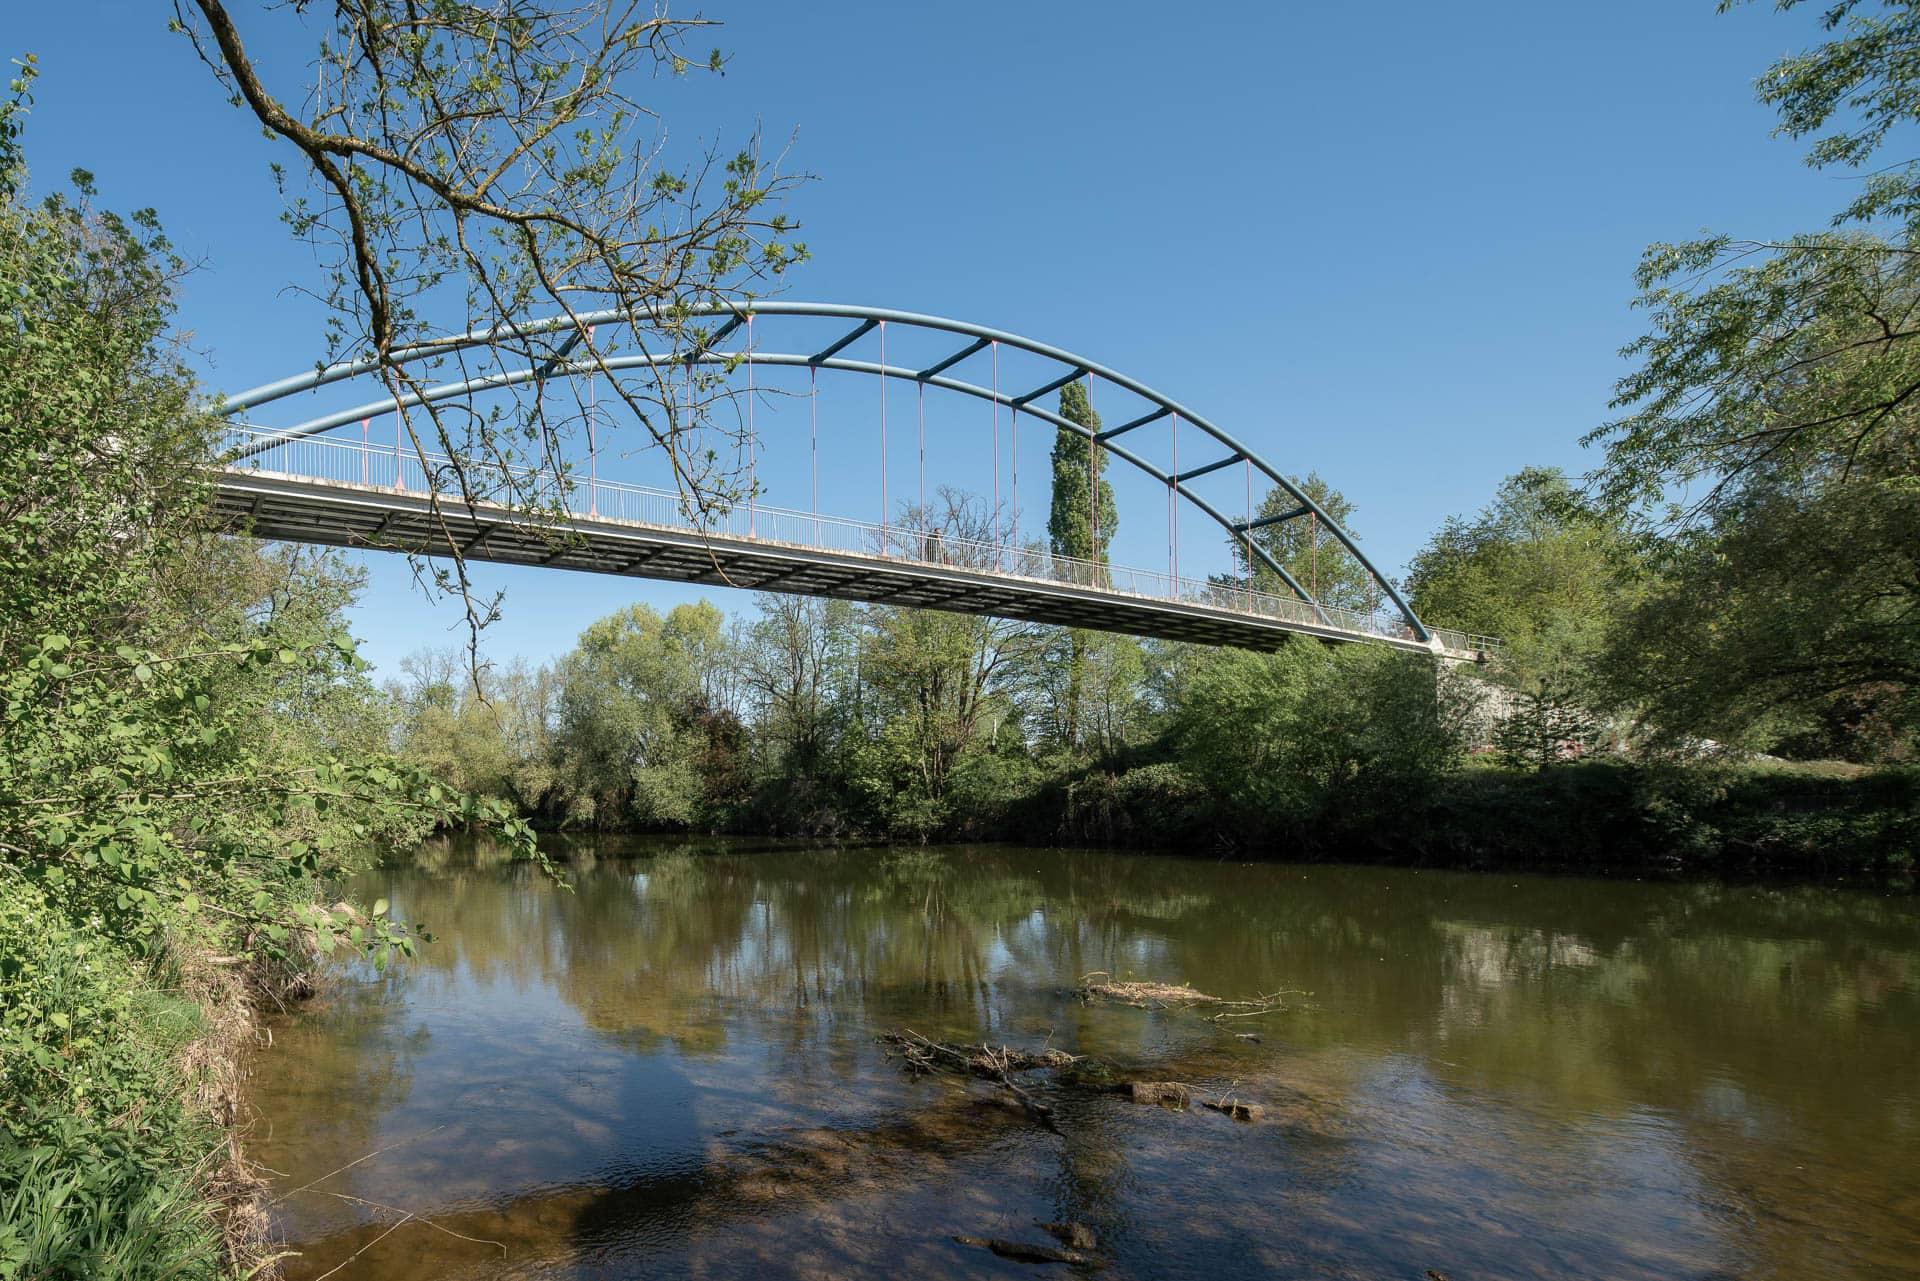 Kocher-Fahradbrücke